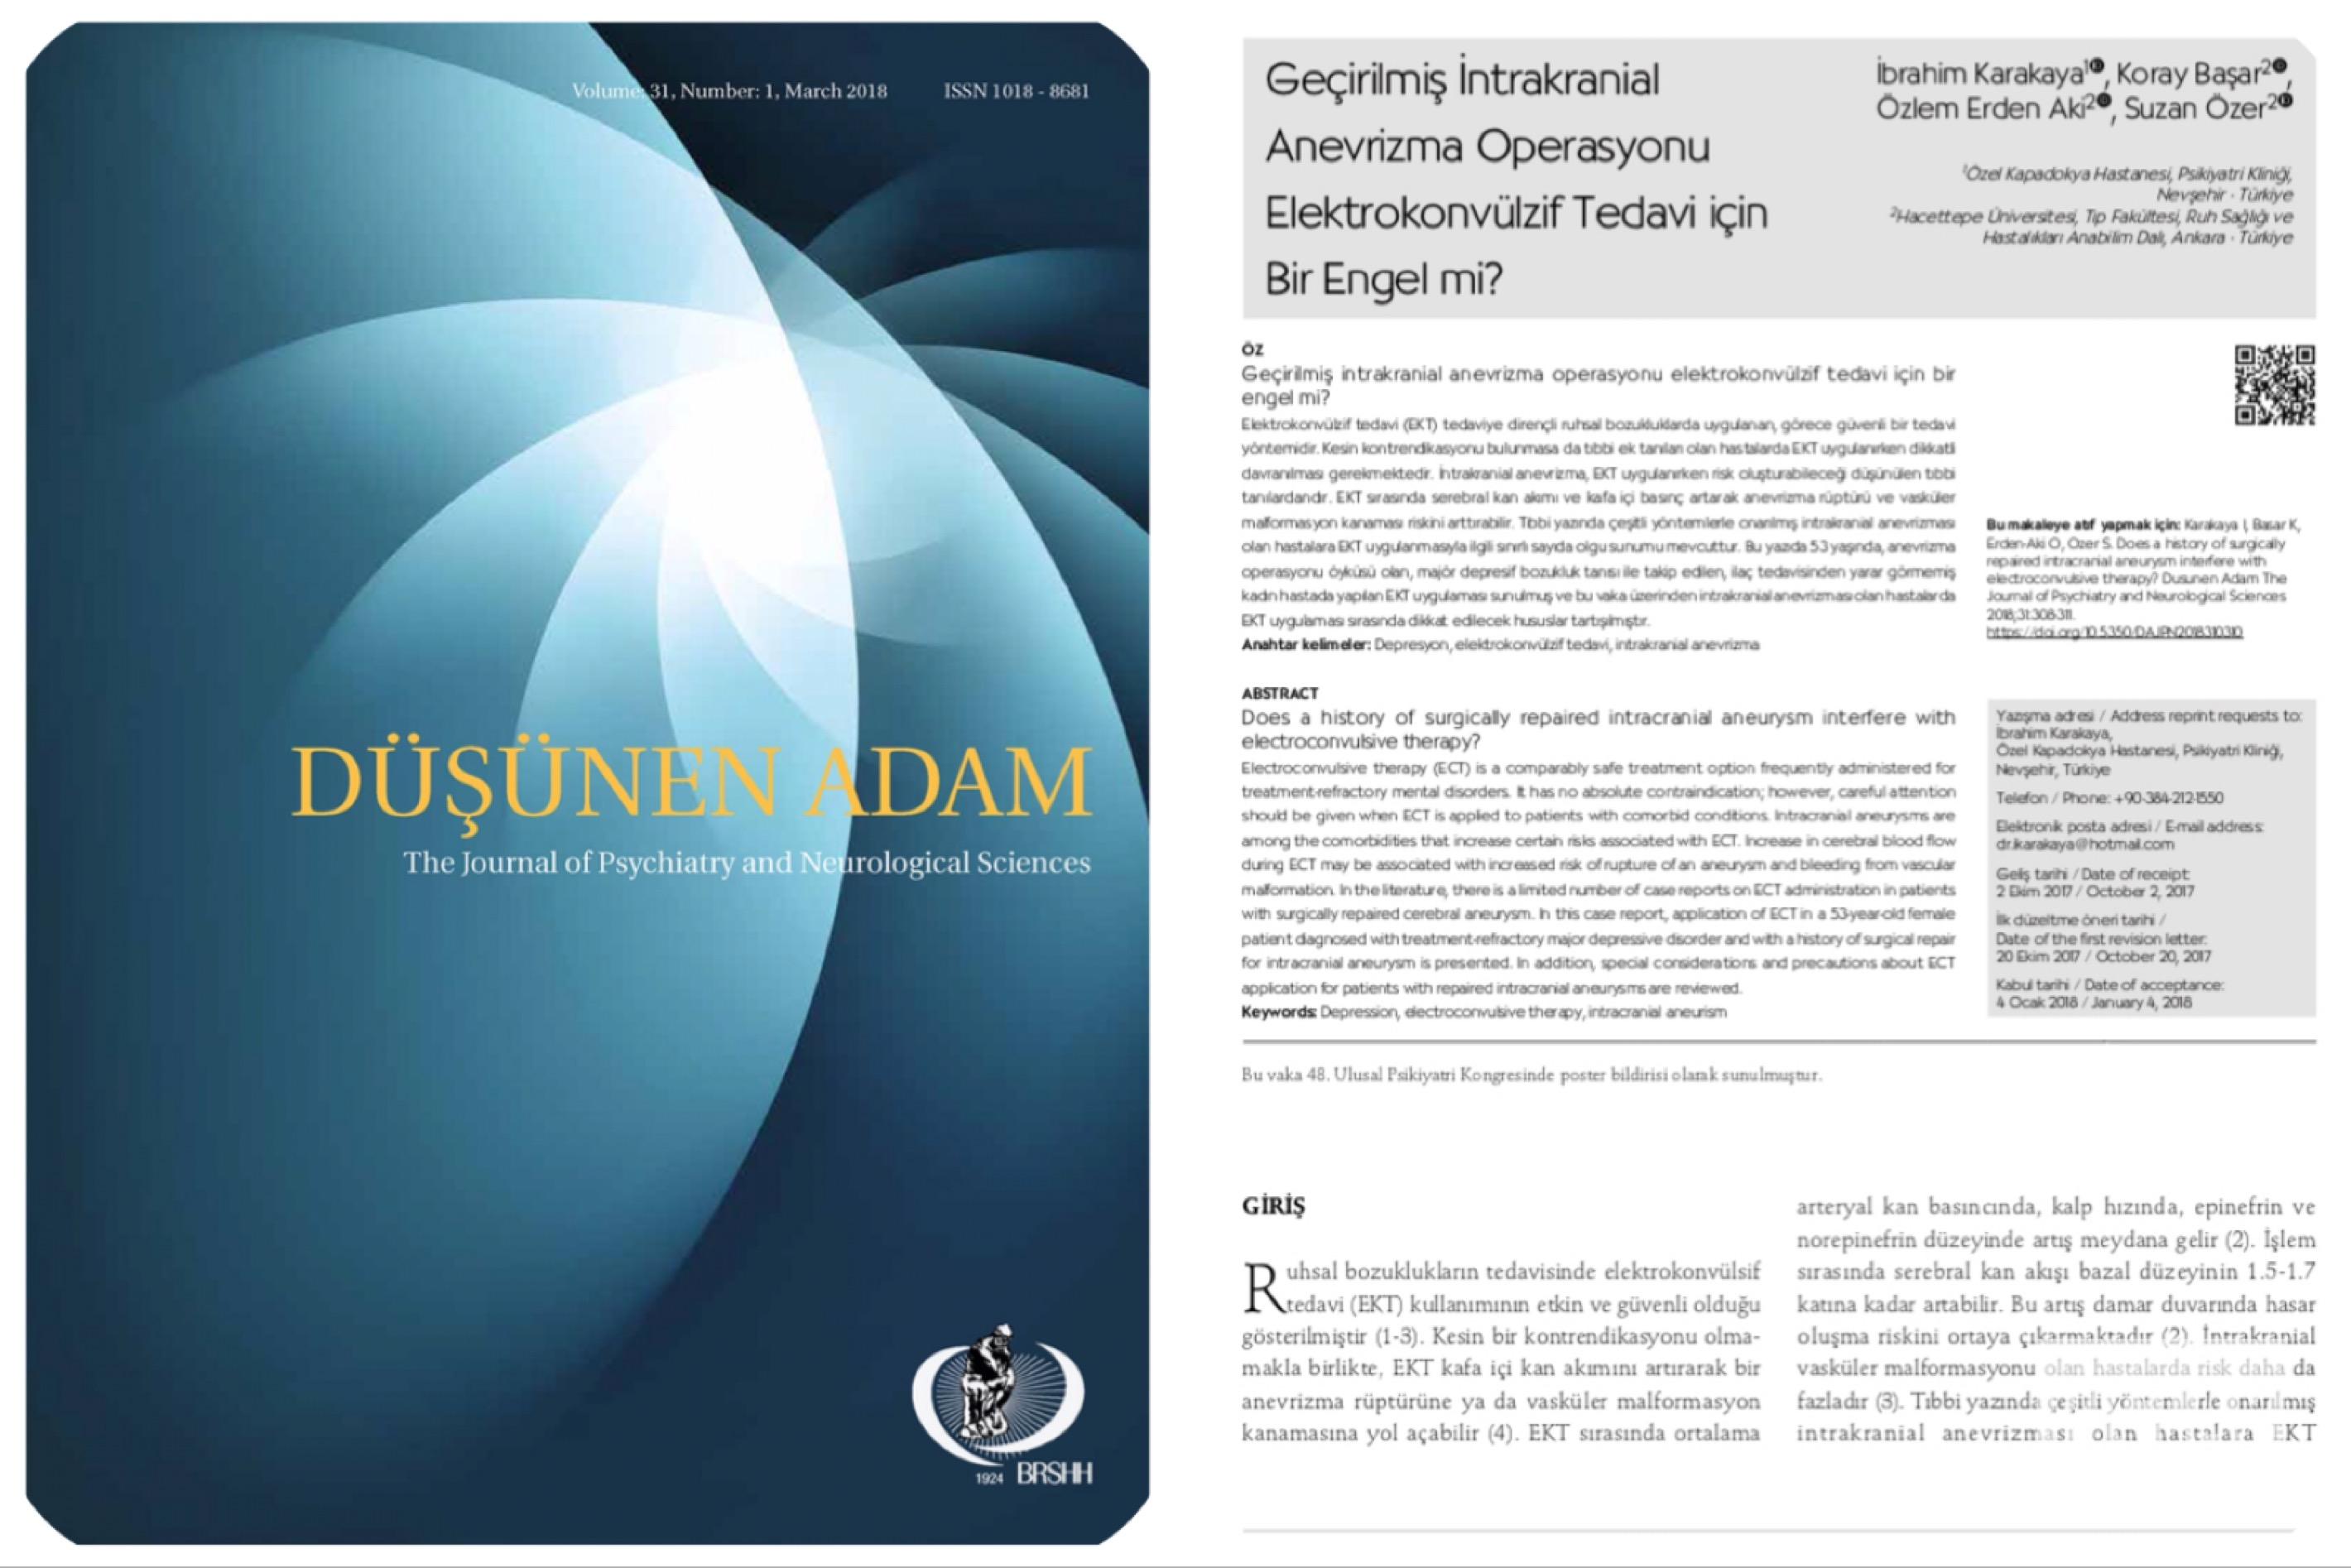 Yard. Doç. Dr. İbrahim Karakaya ve arkadaşlarının yapmış oldukları vaka raporu Düşünen Adam dergisinde yayınlanmıştır.